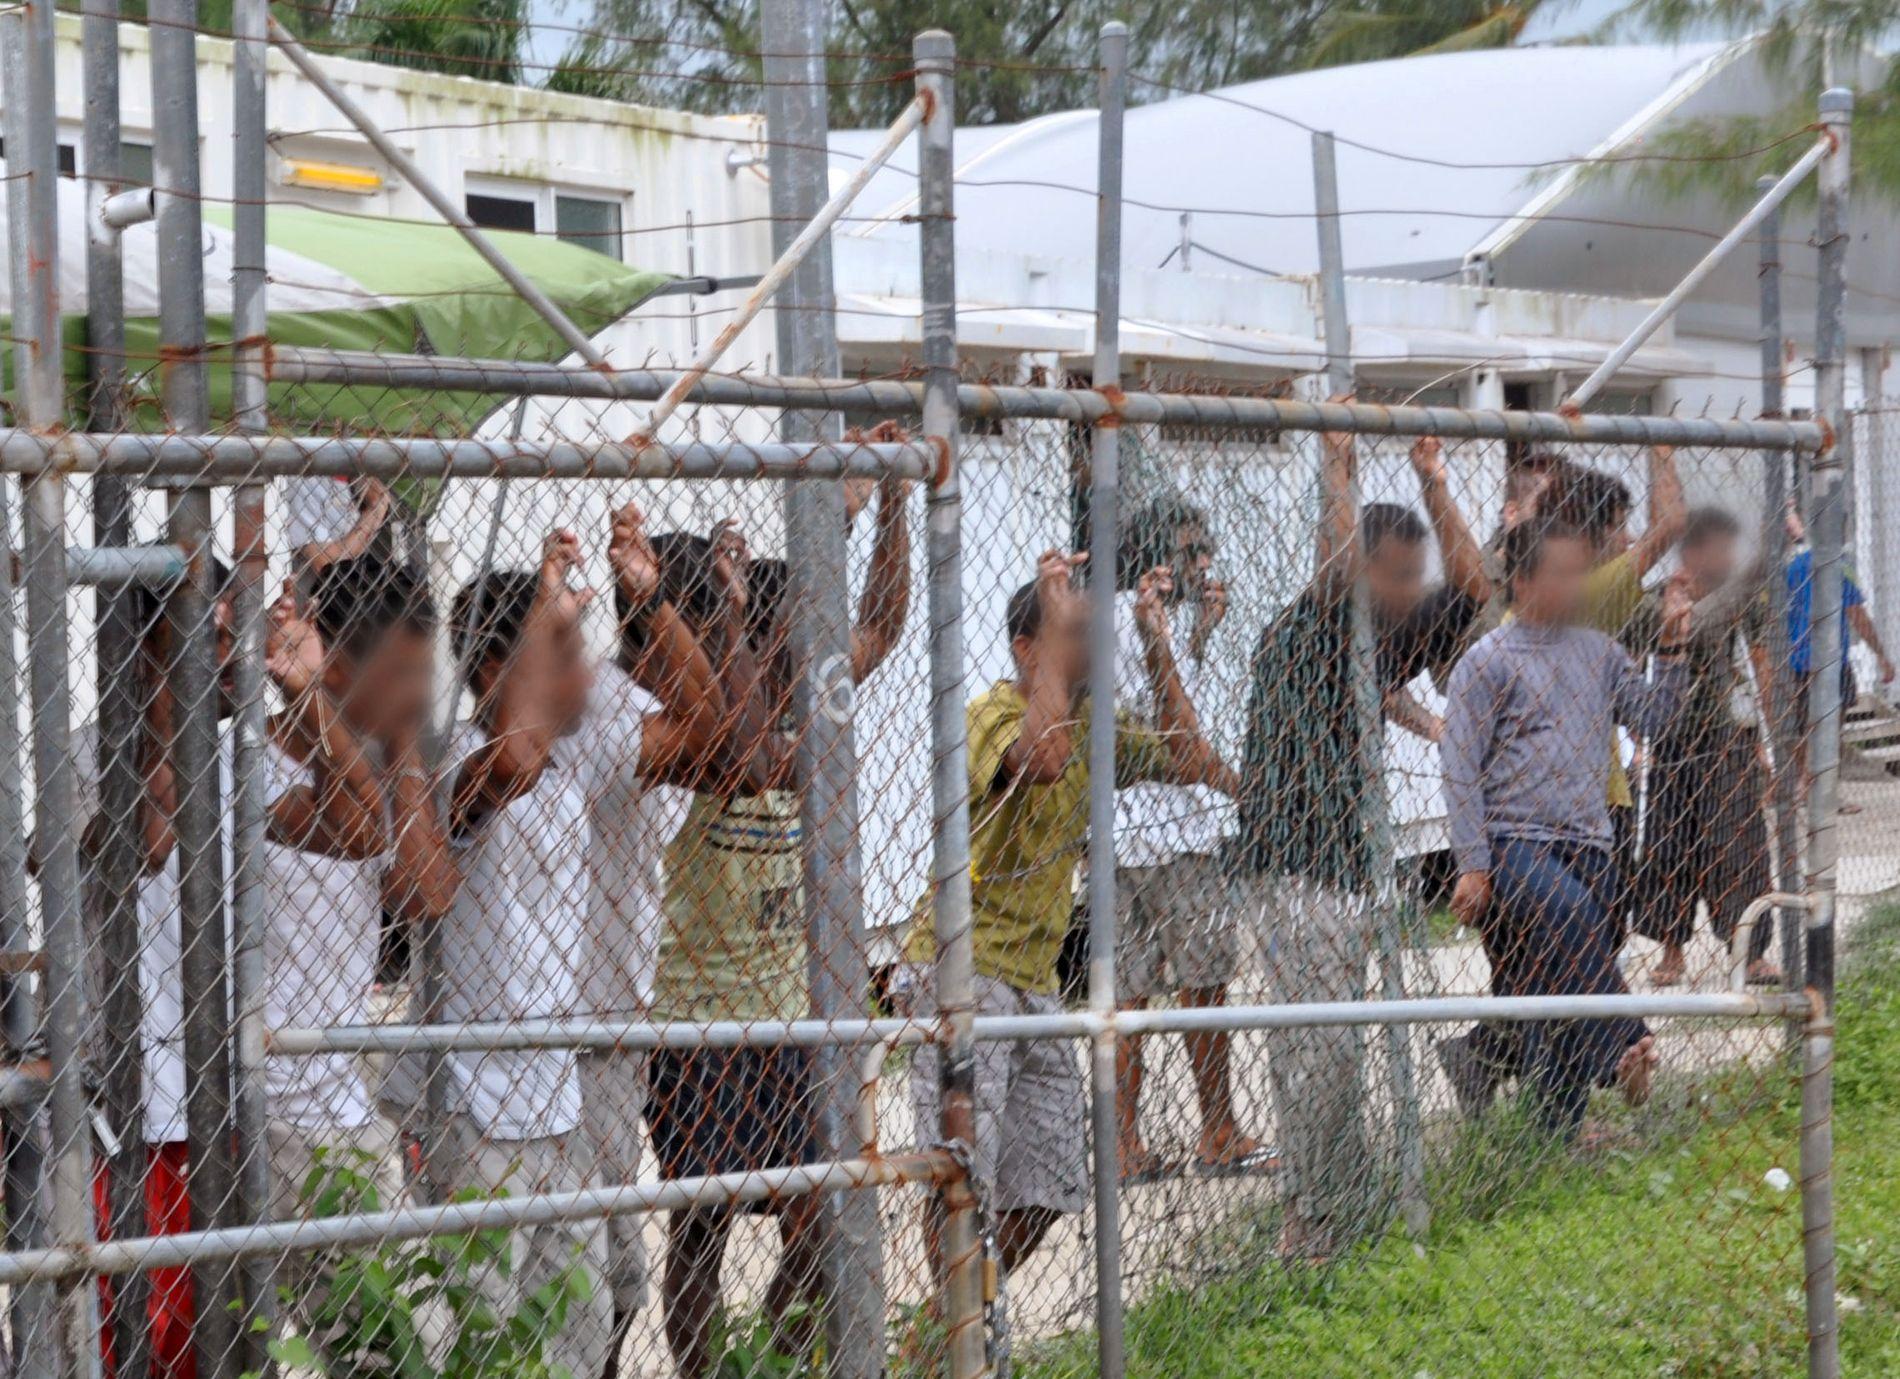 OVERGREP: Asylsøkere i en av Australias to leire utenfor eget territorium, titter ut gjennom gjerdet. Rapporter fra asylleiren på stillehavsøya Nauru avslører nå omfattende overgrep mot de som sitter internert der. FOTO: REUTERS